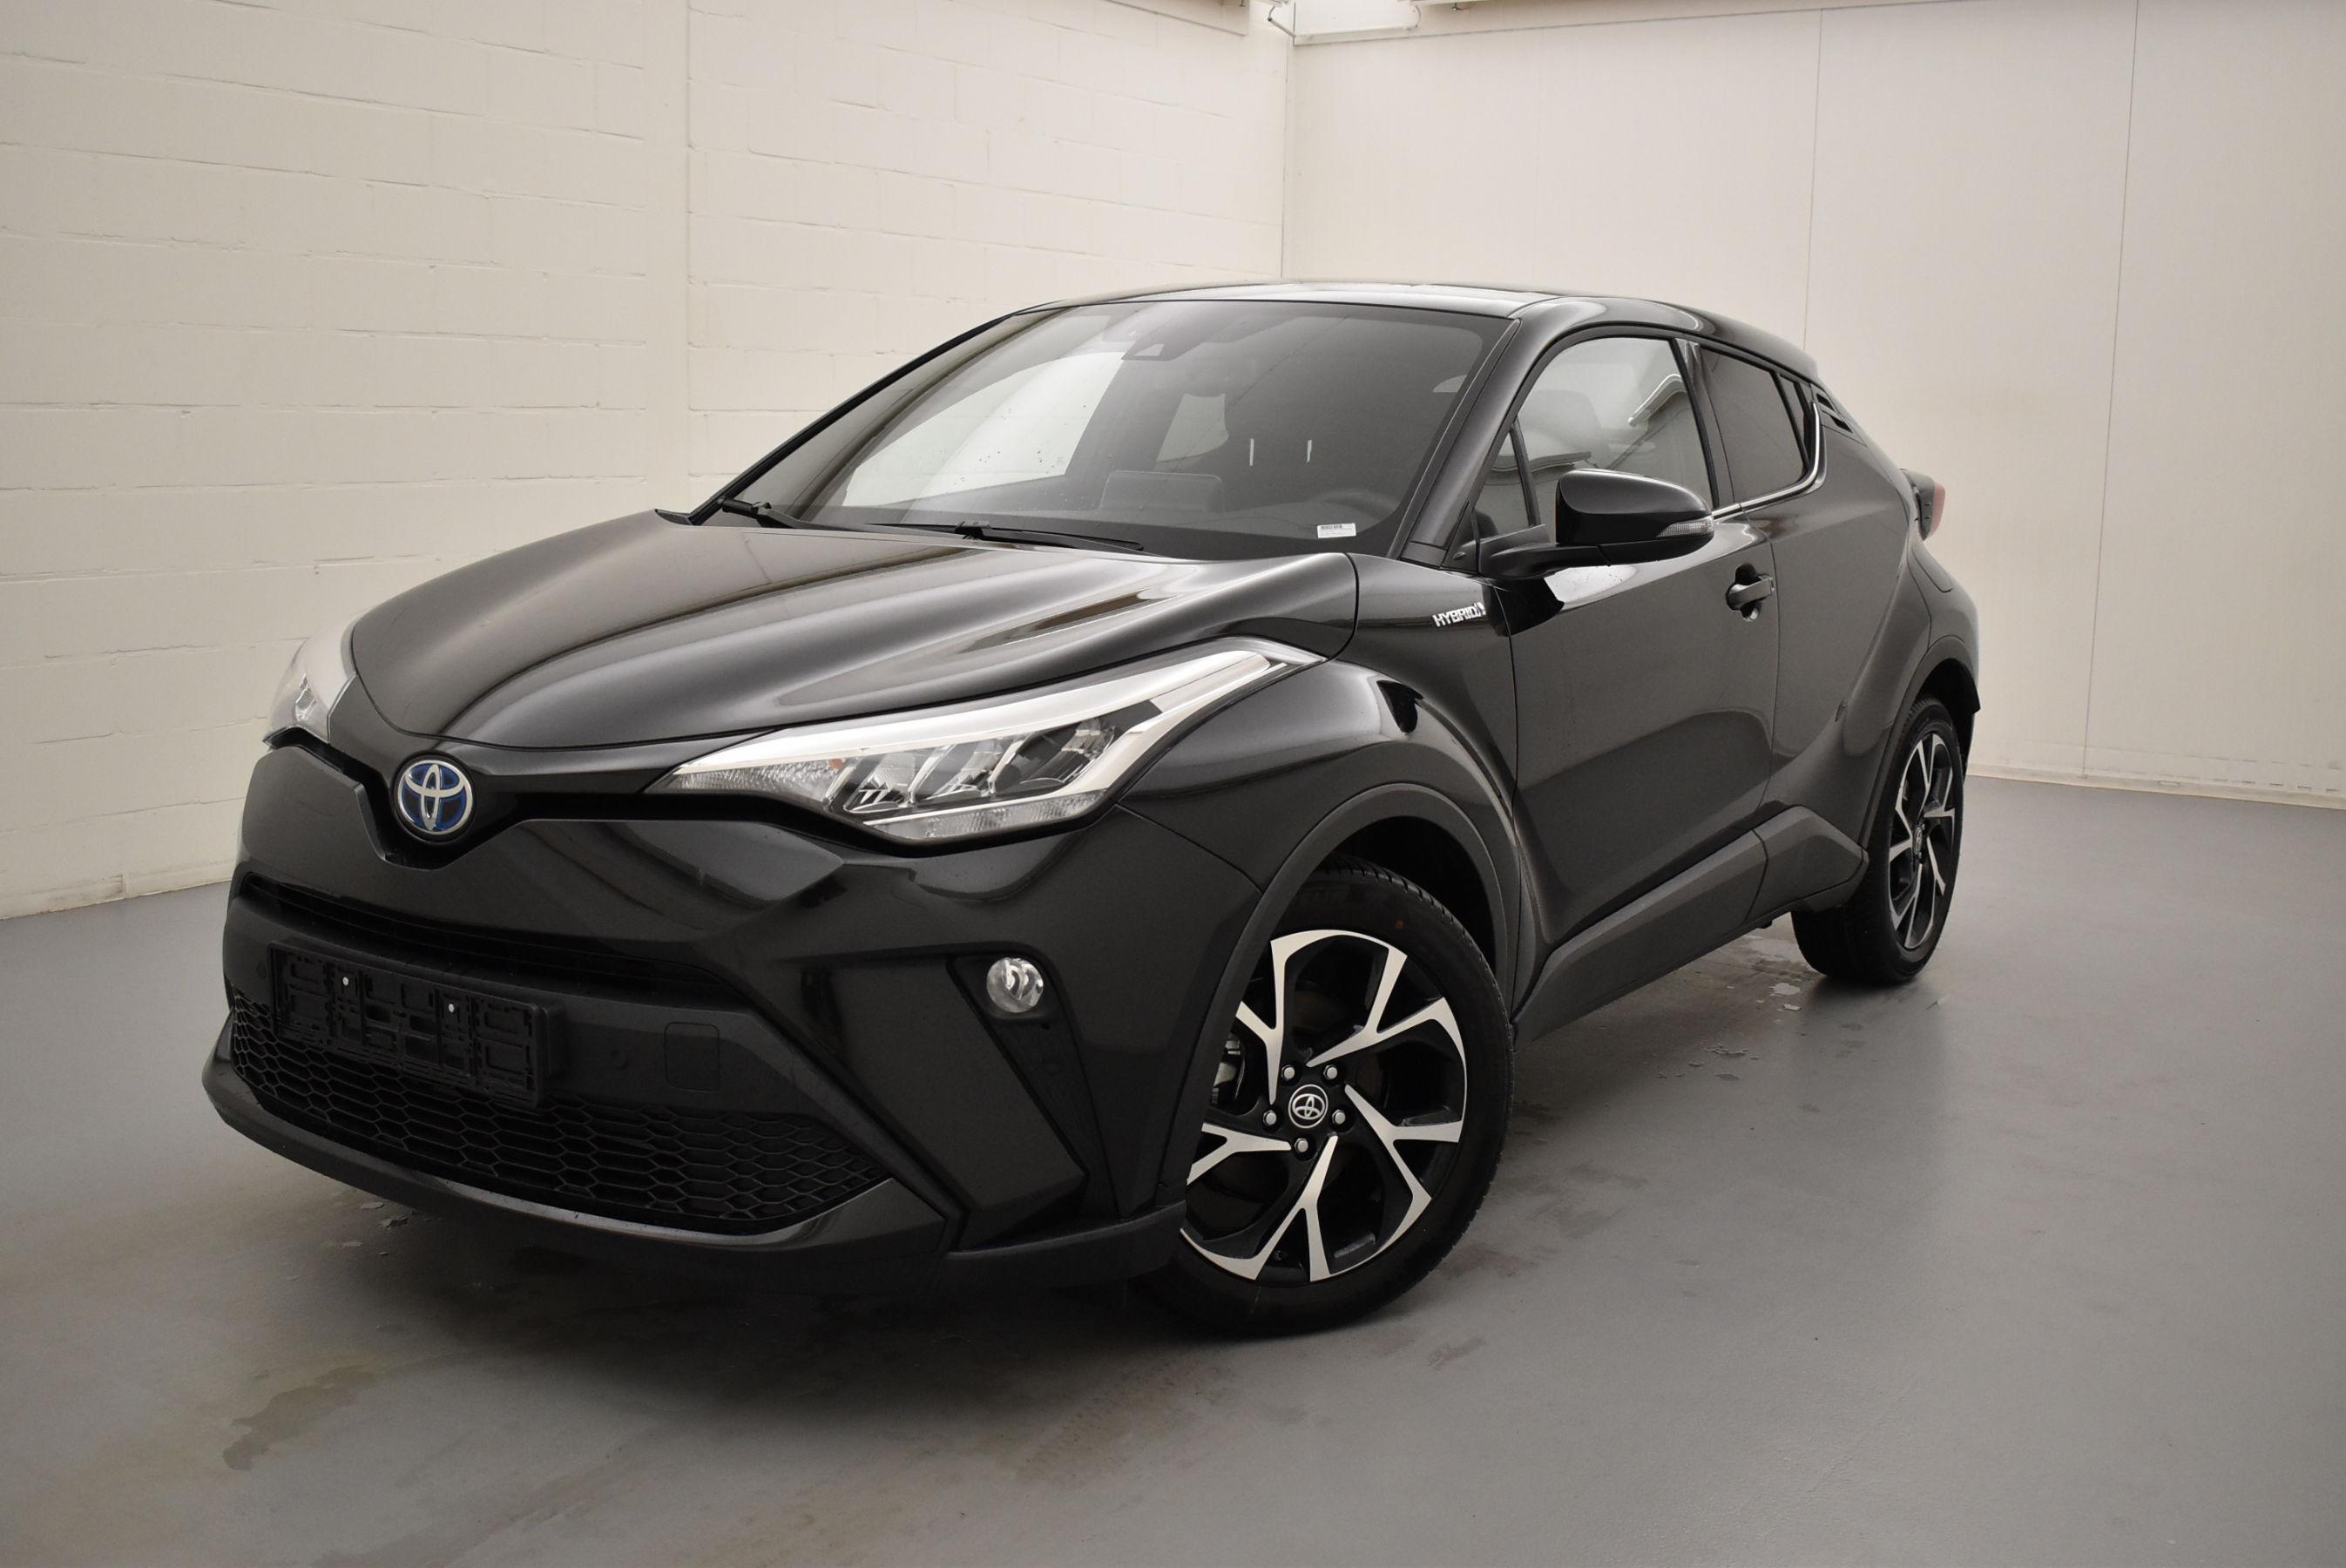 Toyota C-HR vvt-i hybrid c-lub e-cvt 98